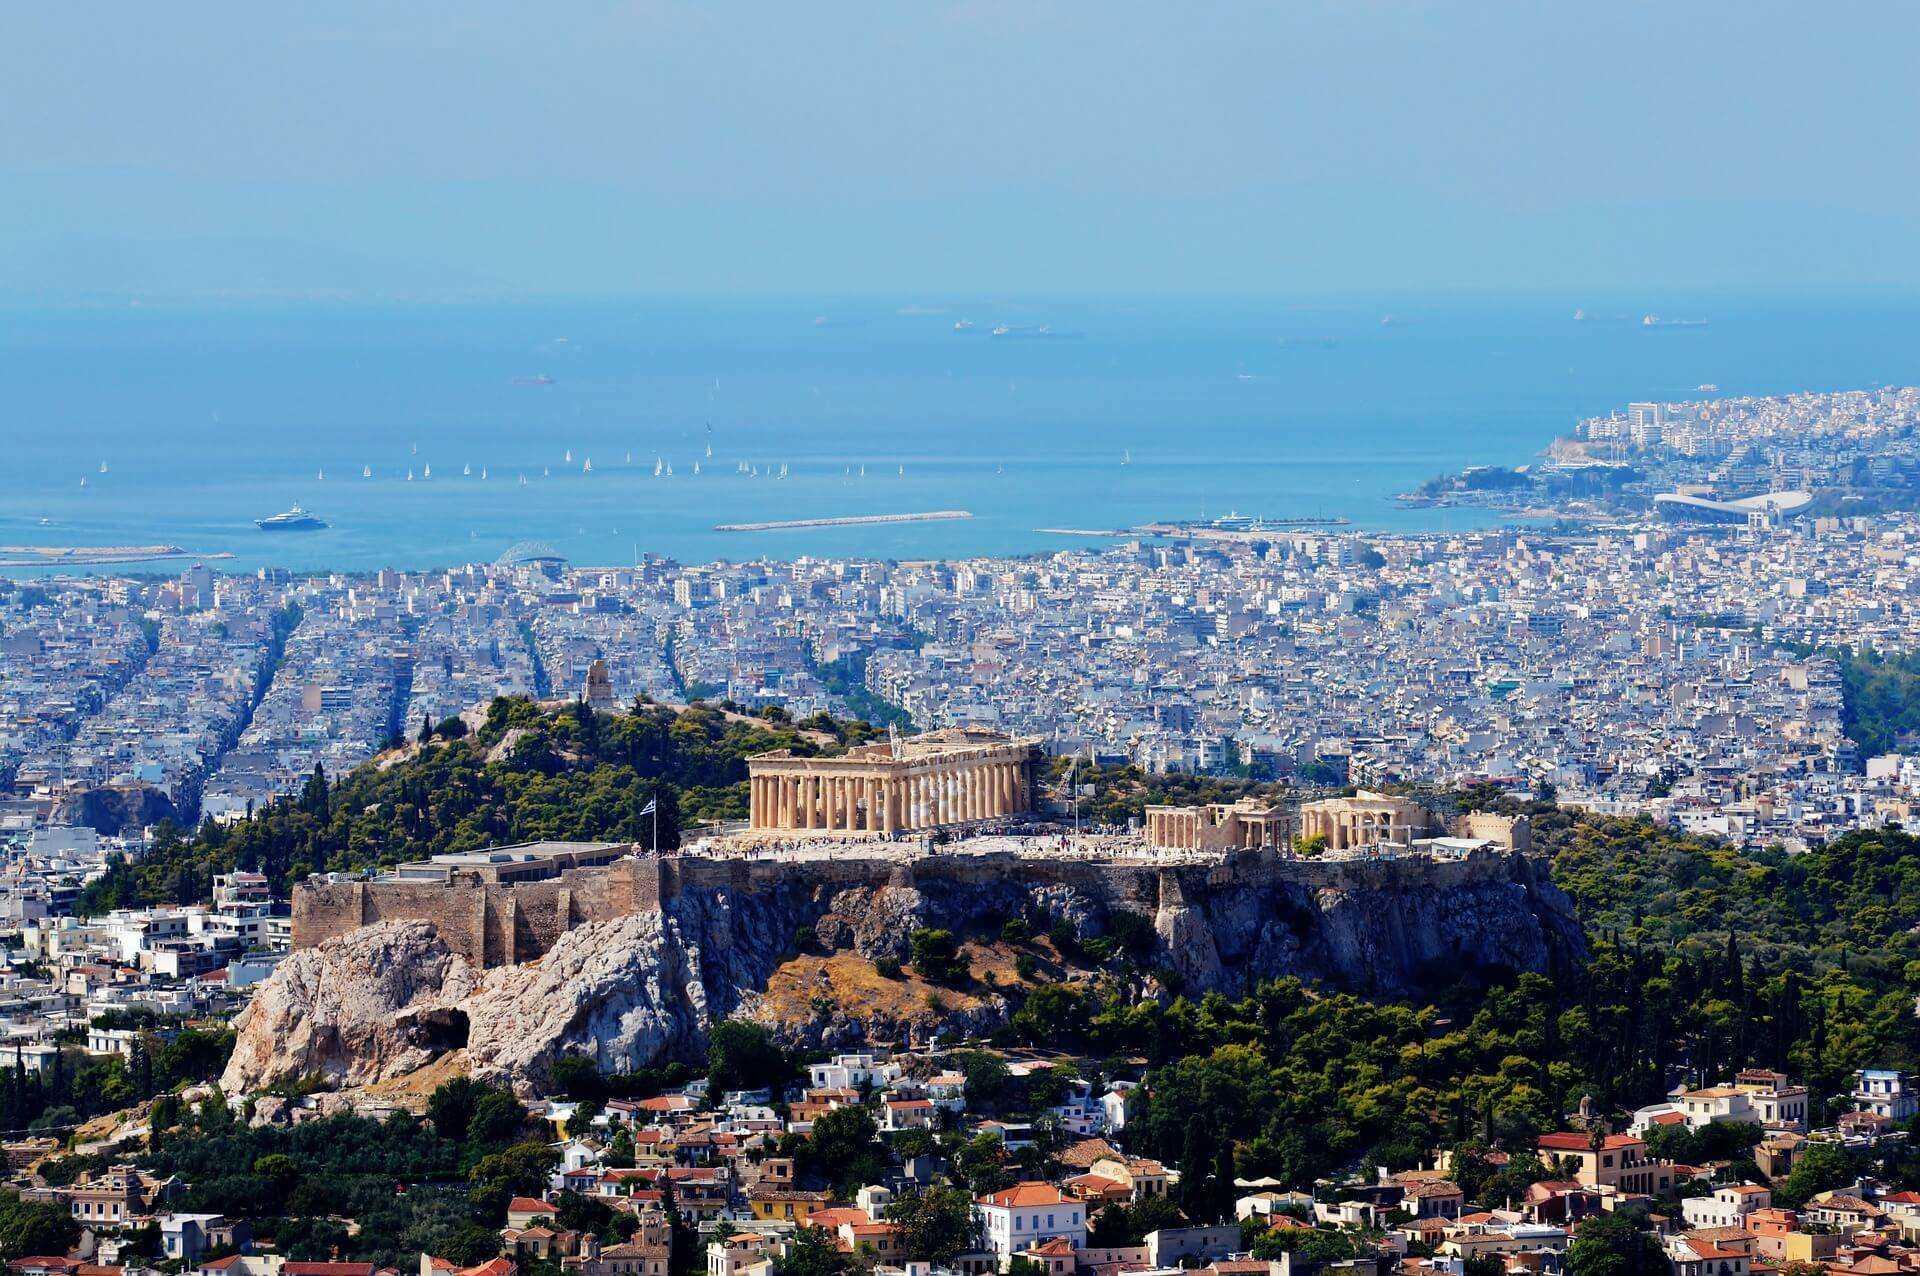 Direktflüge und Billigflüge ab Frankfurt nach Athen